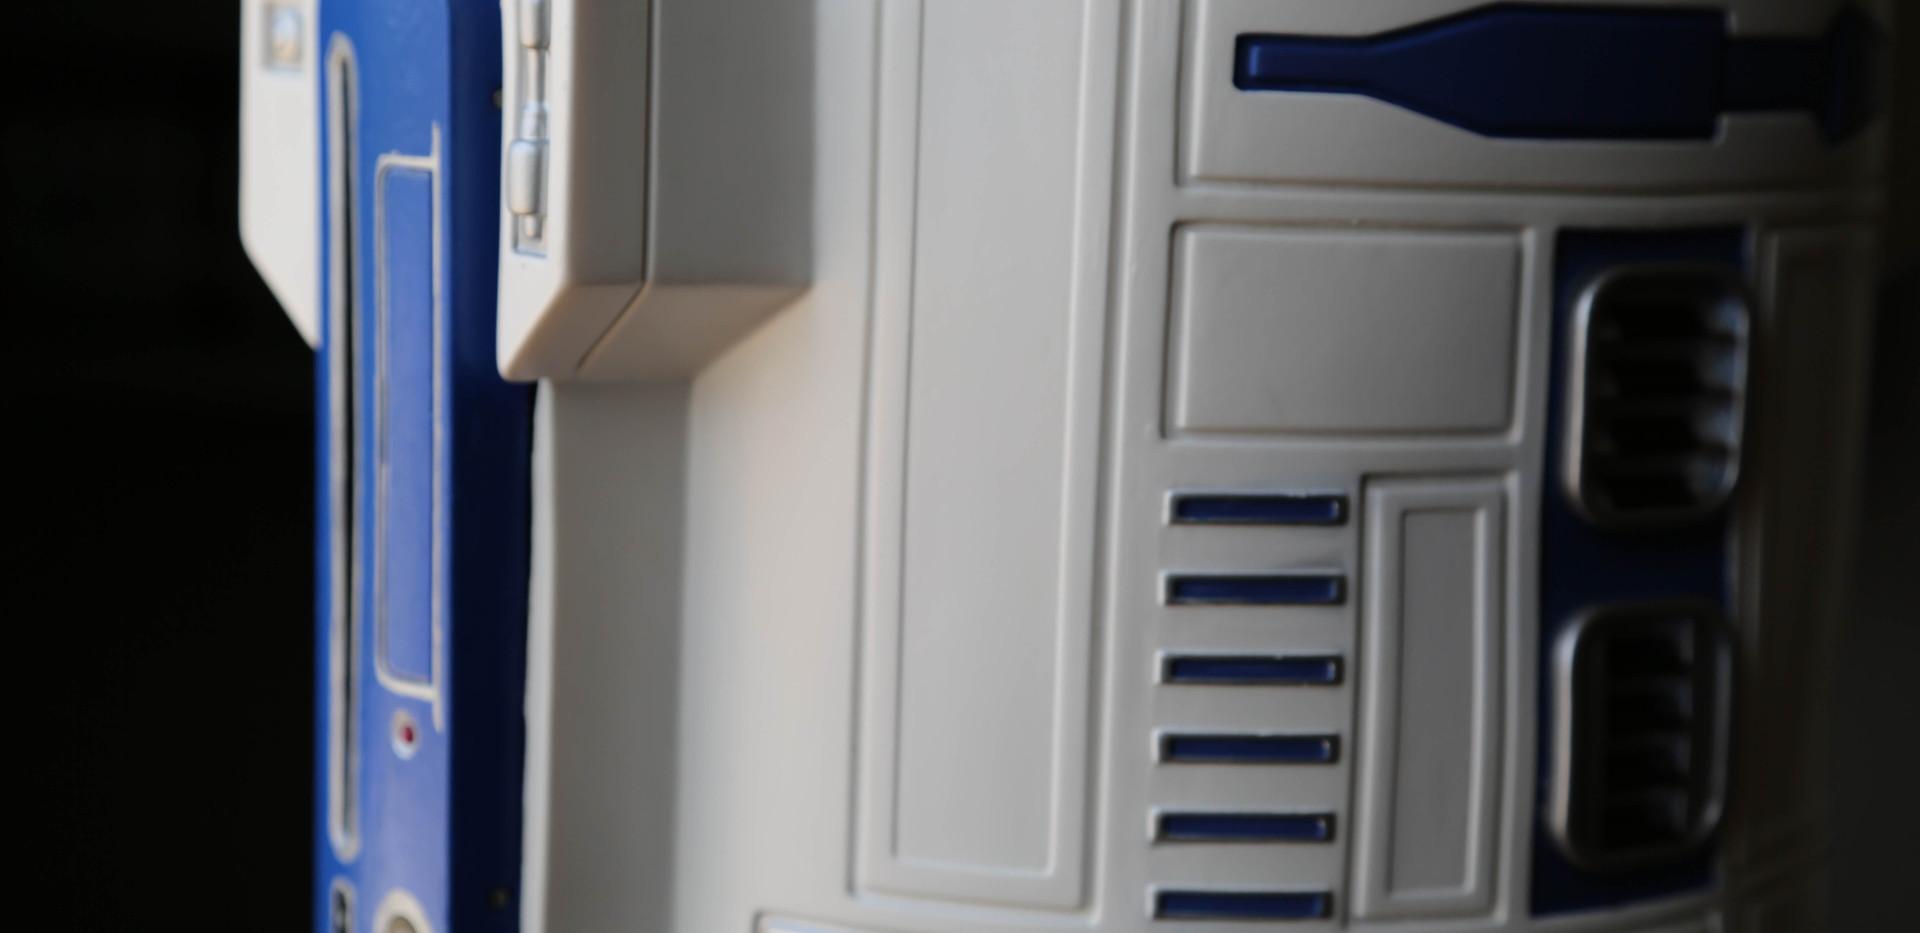 Wii-U-R2-D2-Star-Wars-3.JPG